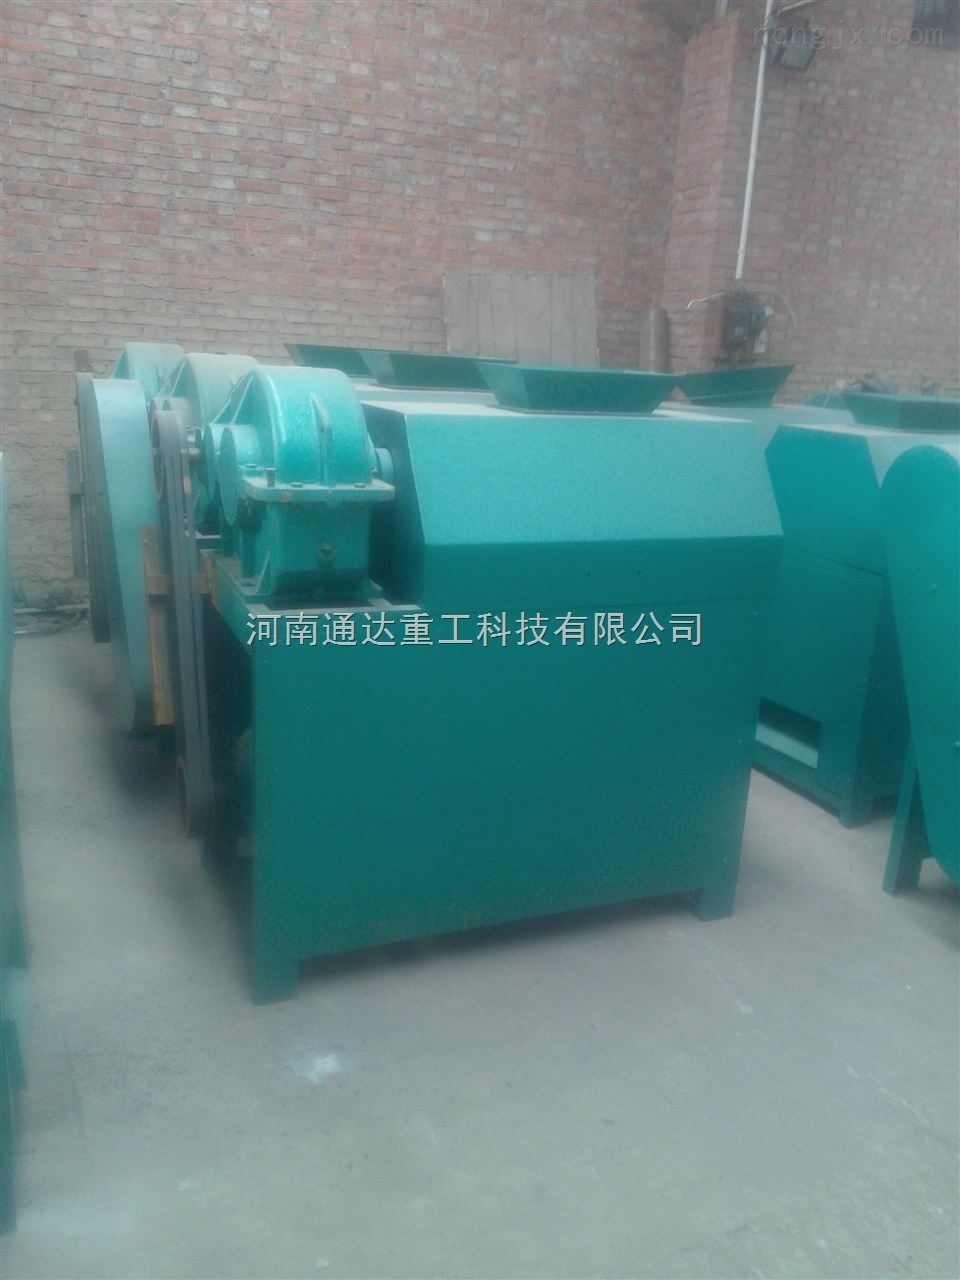 肥料造粒机-对辊挤压造粒机-氮磷钾对辊挤压造粒机-黑龙江通达重工研发基地